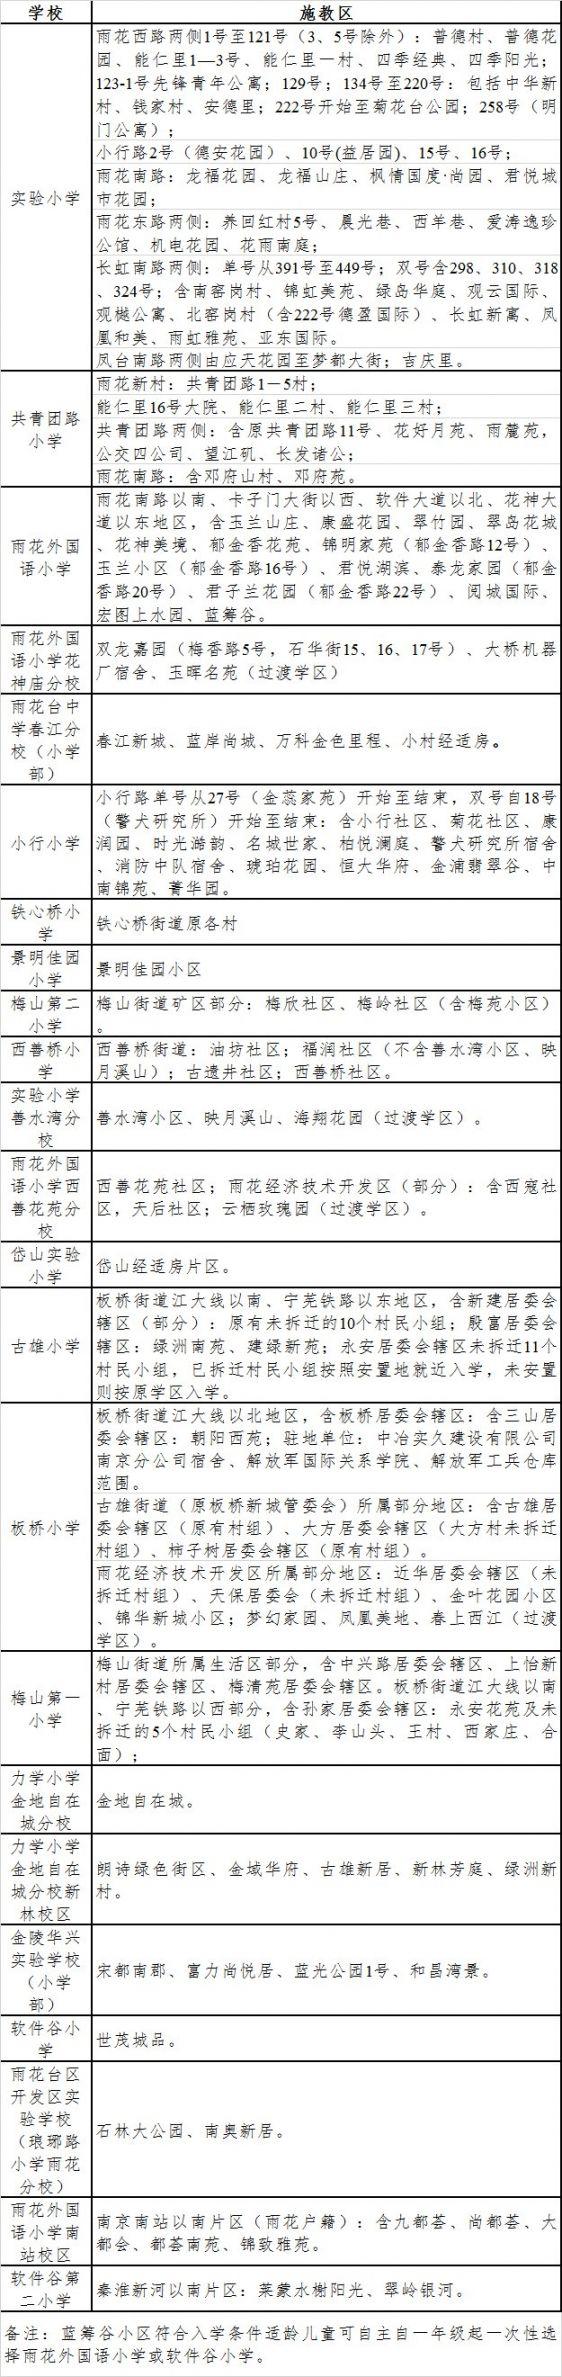 南京雨花台区2020年小学施教区划分一览表